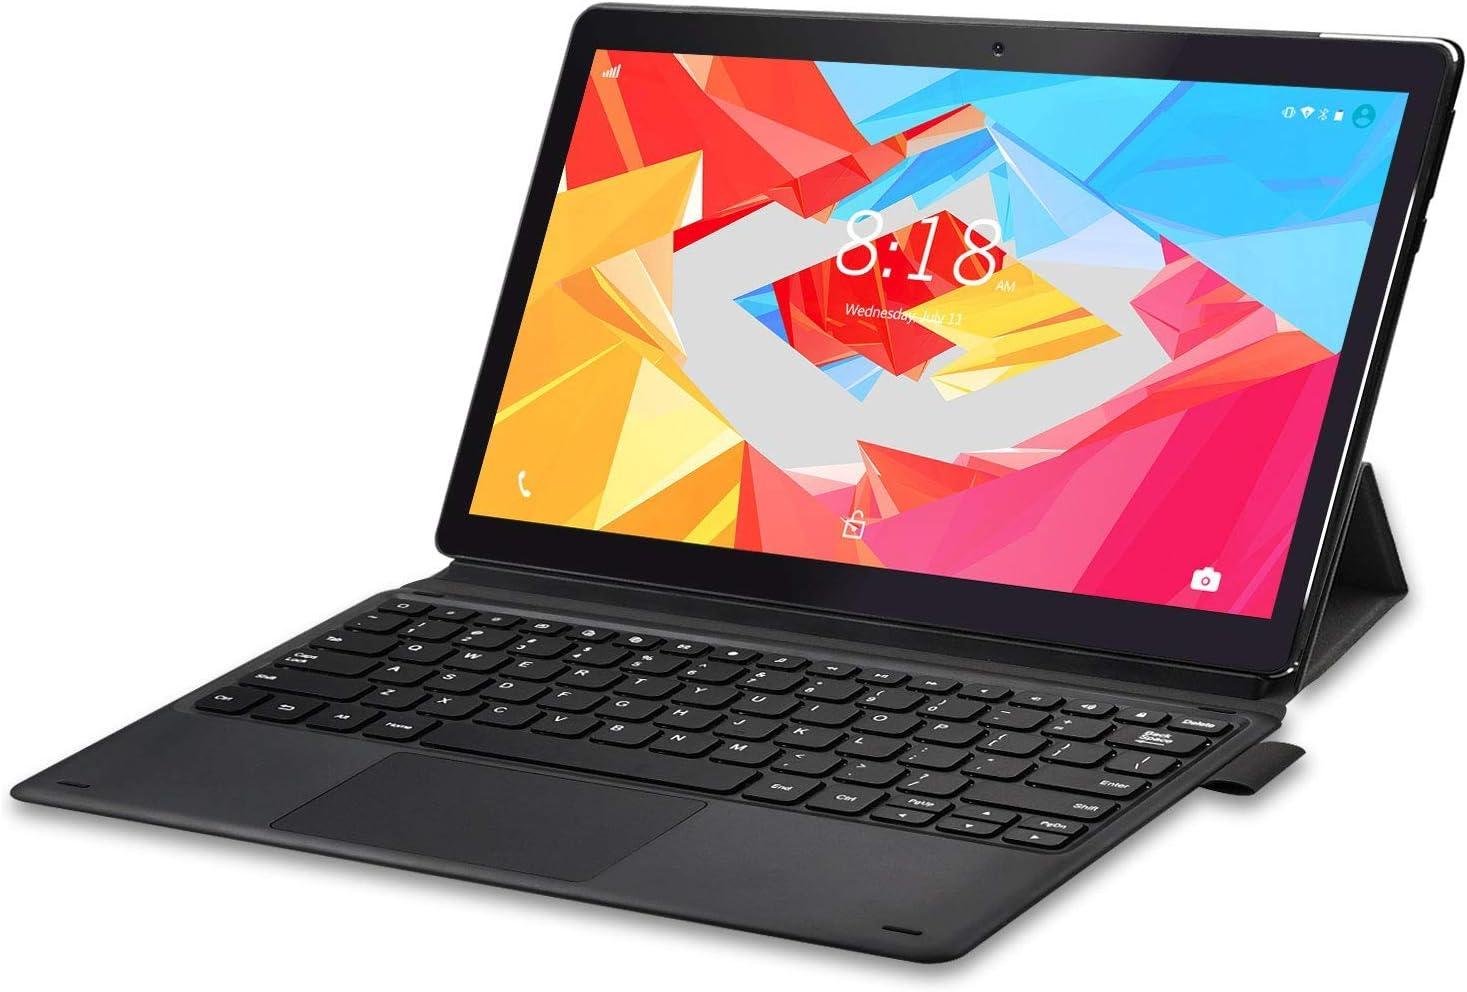 LNMBBS X116 Tablet PC 2 en 1 11.6 Pulgadas, 6GB de RAM y 128GB Memoria Tableta 10 Núcleos Procesador Android 9.0 Tablet 8000mAh Batería y 1920*1080 FHD IPS, Doble 4G y Doble Banda WiFi, HDMI (Negro)